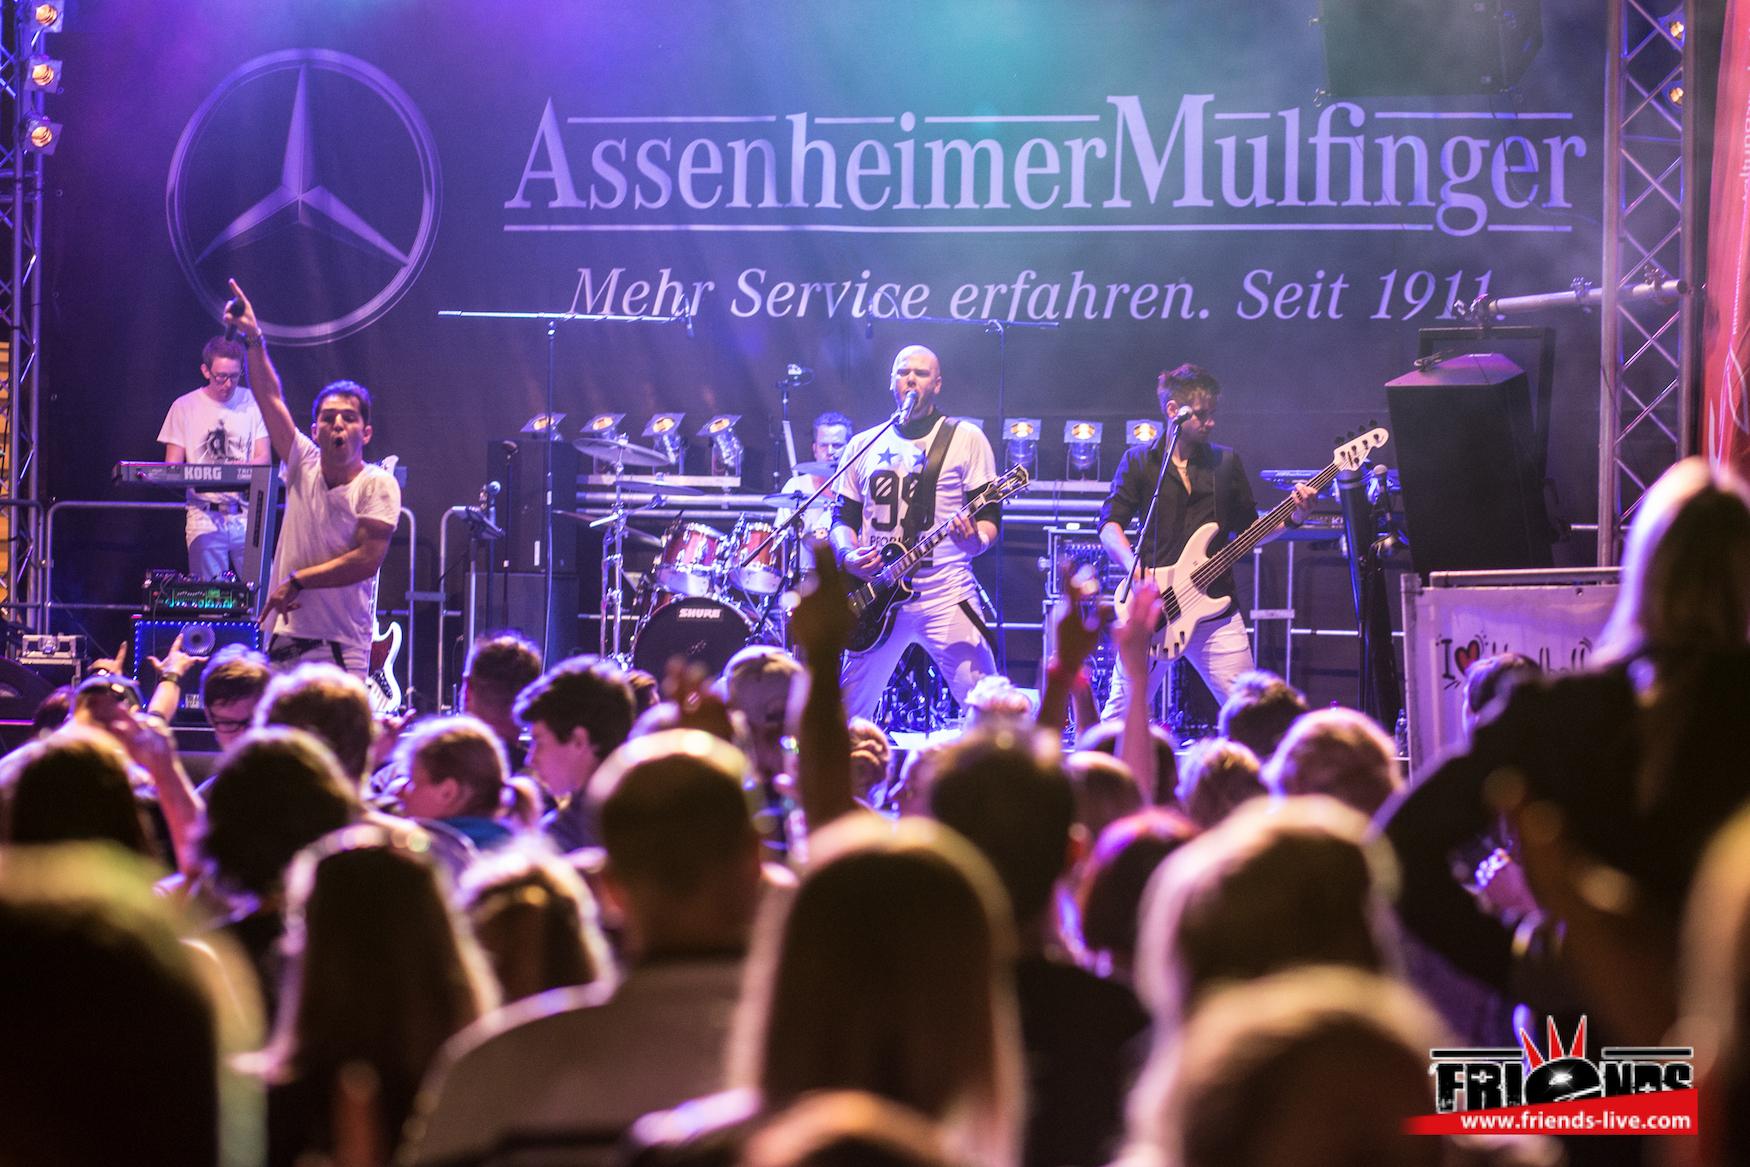 Friends Heilbronn 27.05.2016-10-89